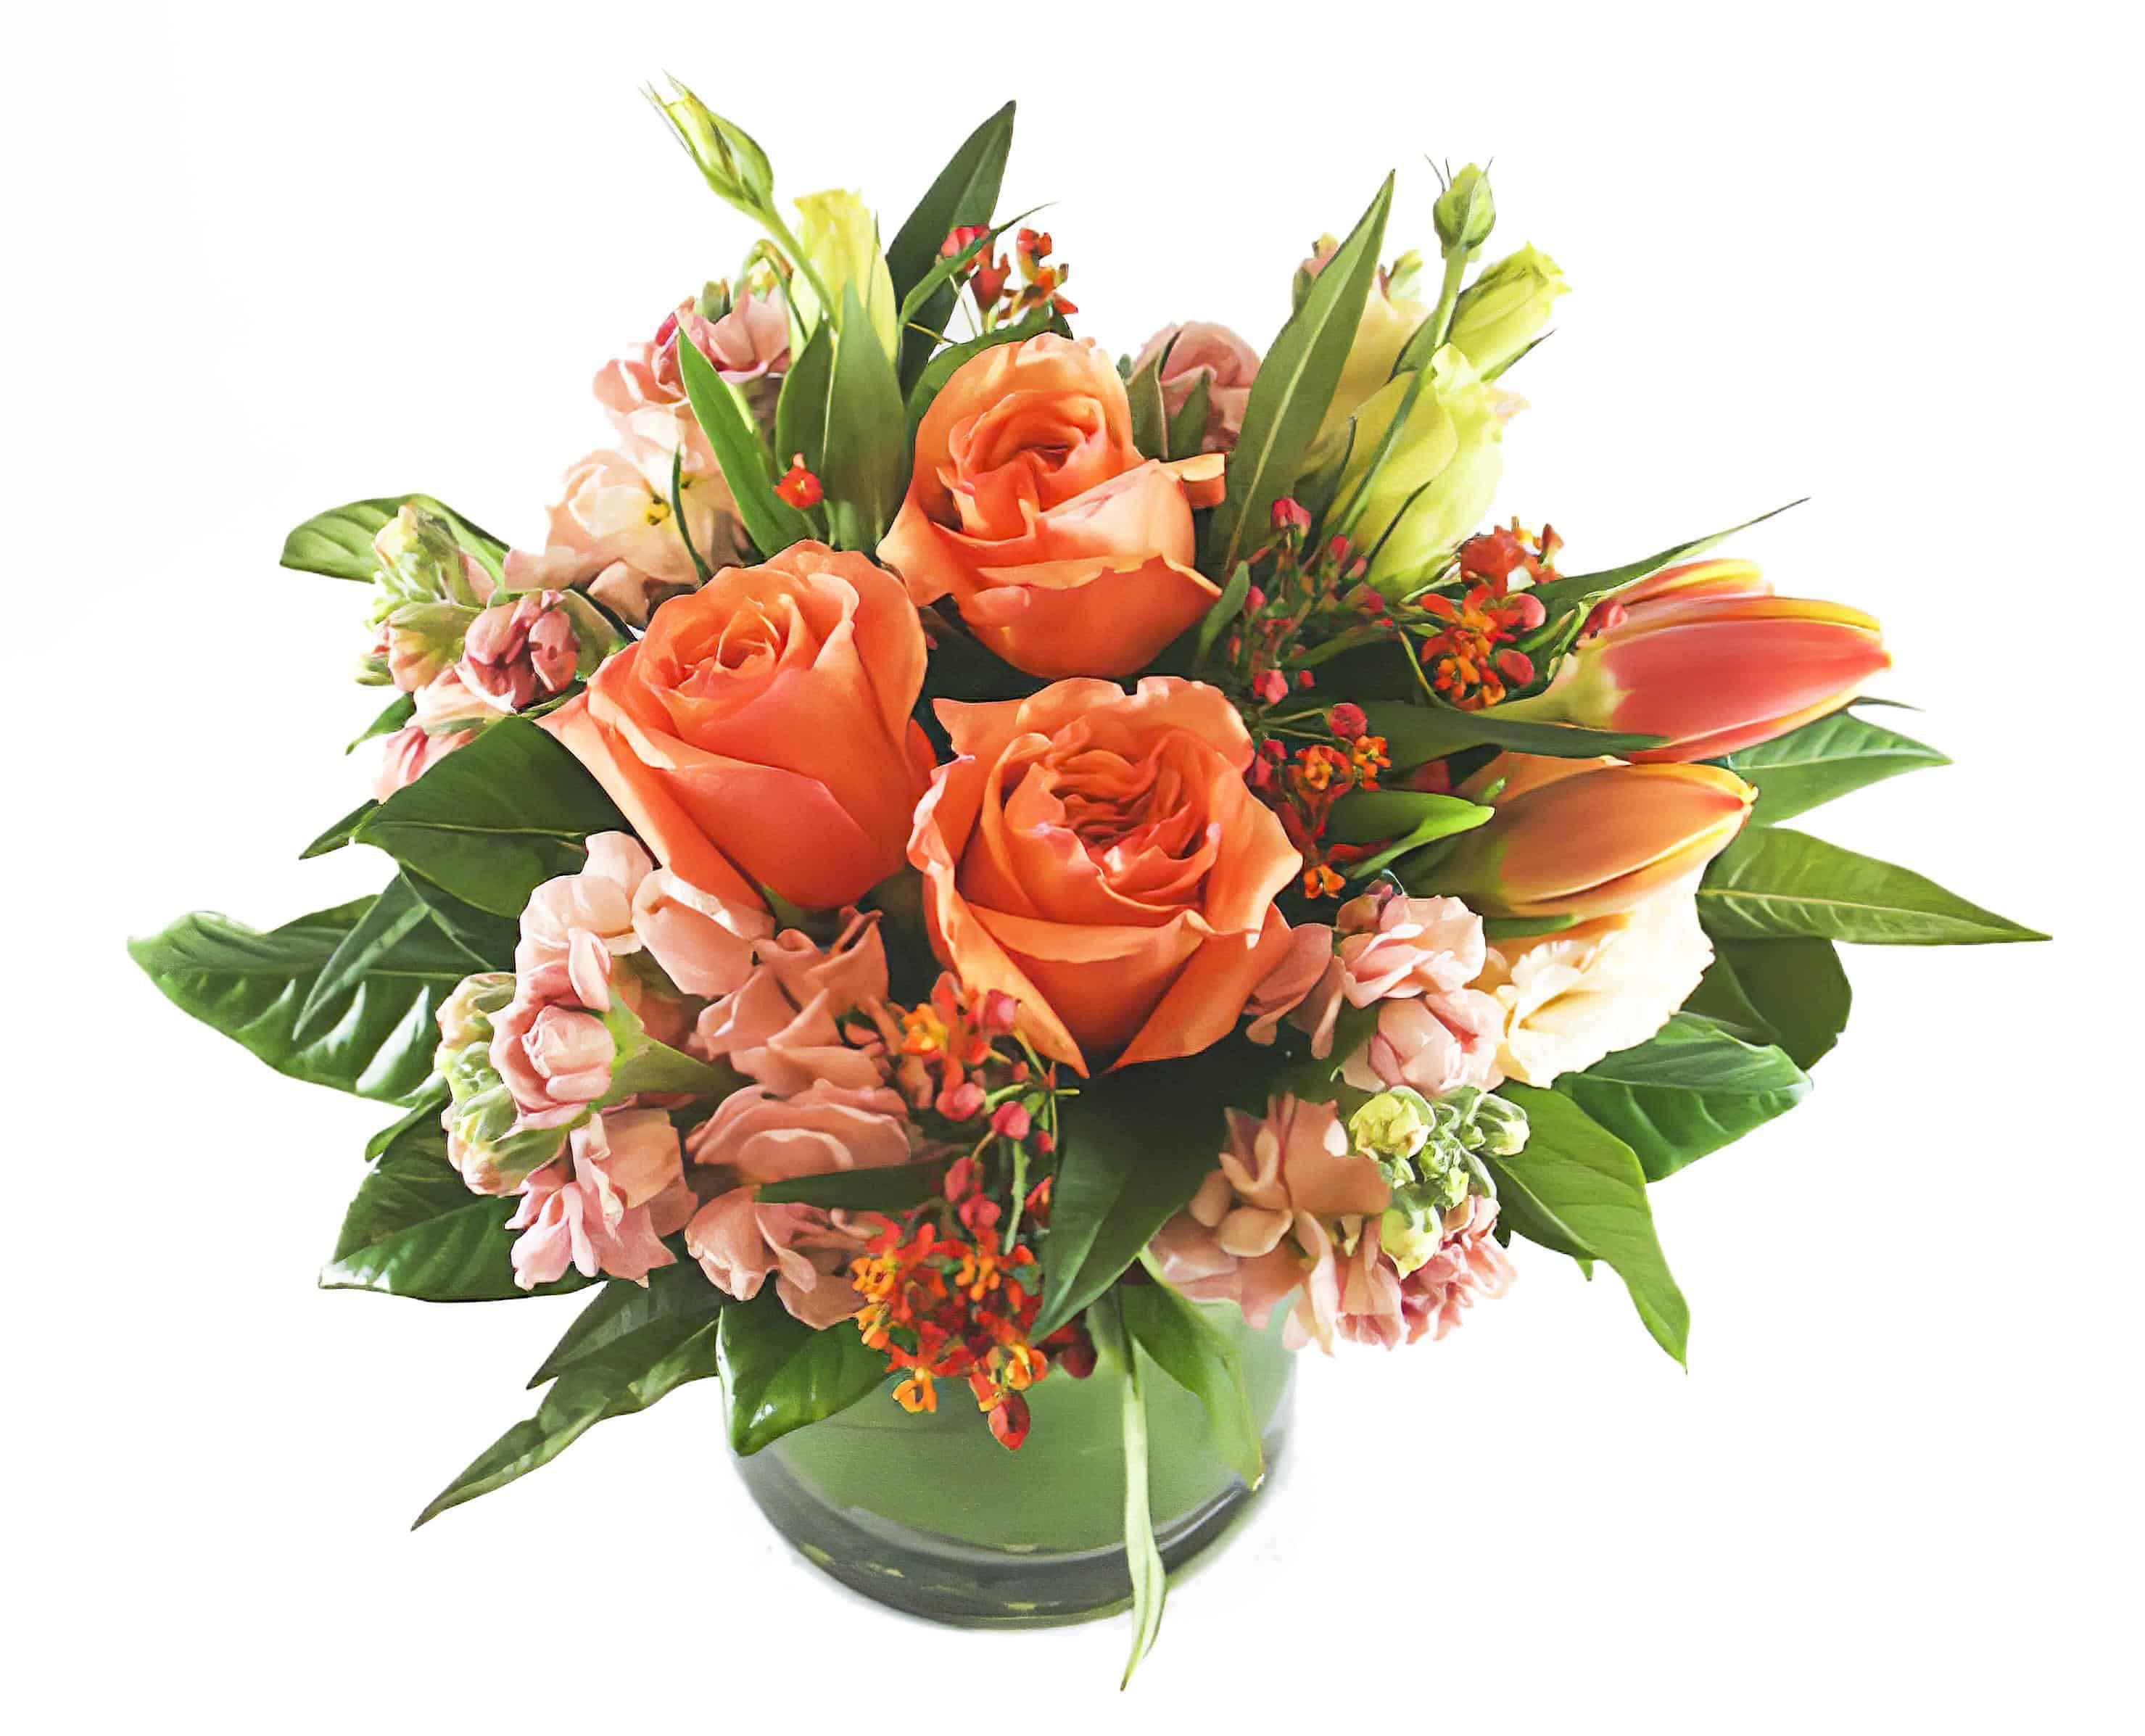 Ponte Vecchio Flower Arrangement | San Francisco Florist Since 1871 Free Bay Area and San Francisco Flower Delivery